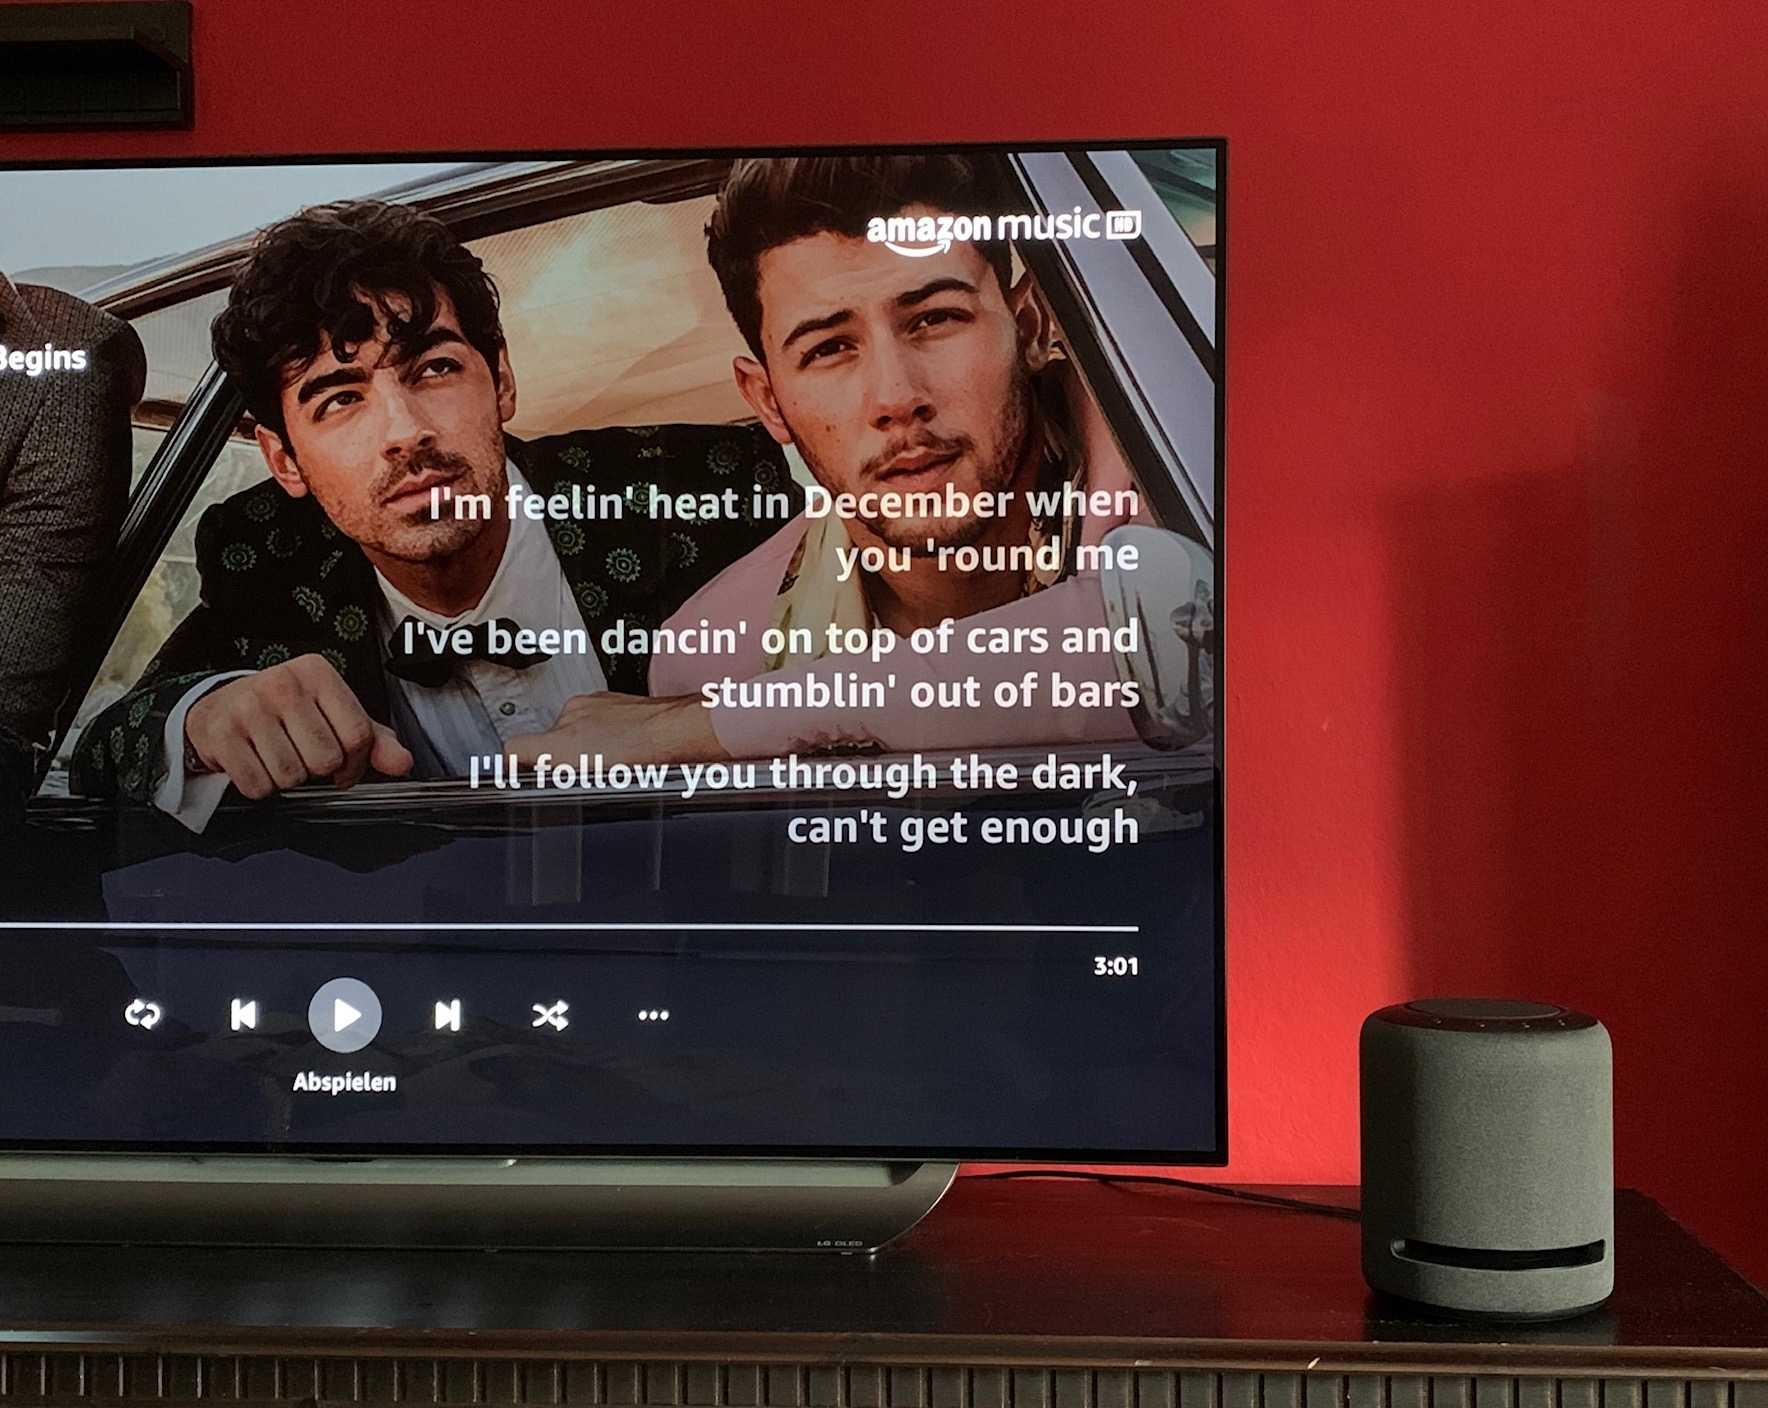 Der Echo Studio lässt sich mit dem Fire TV Cube verbinden. Danach kann man den Smart Speaker auch mit der Fernbedienung des Medienplayers steuern.